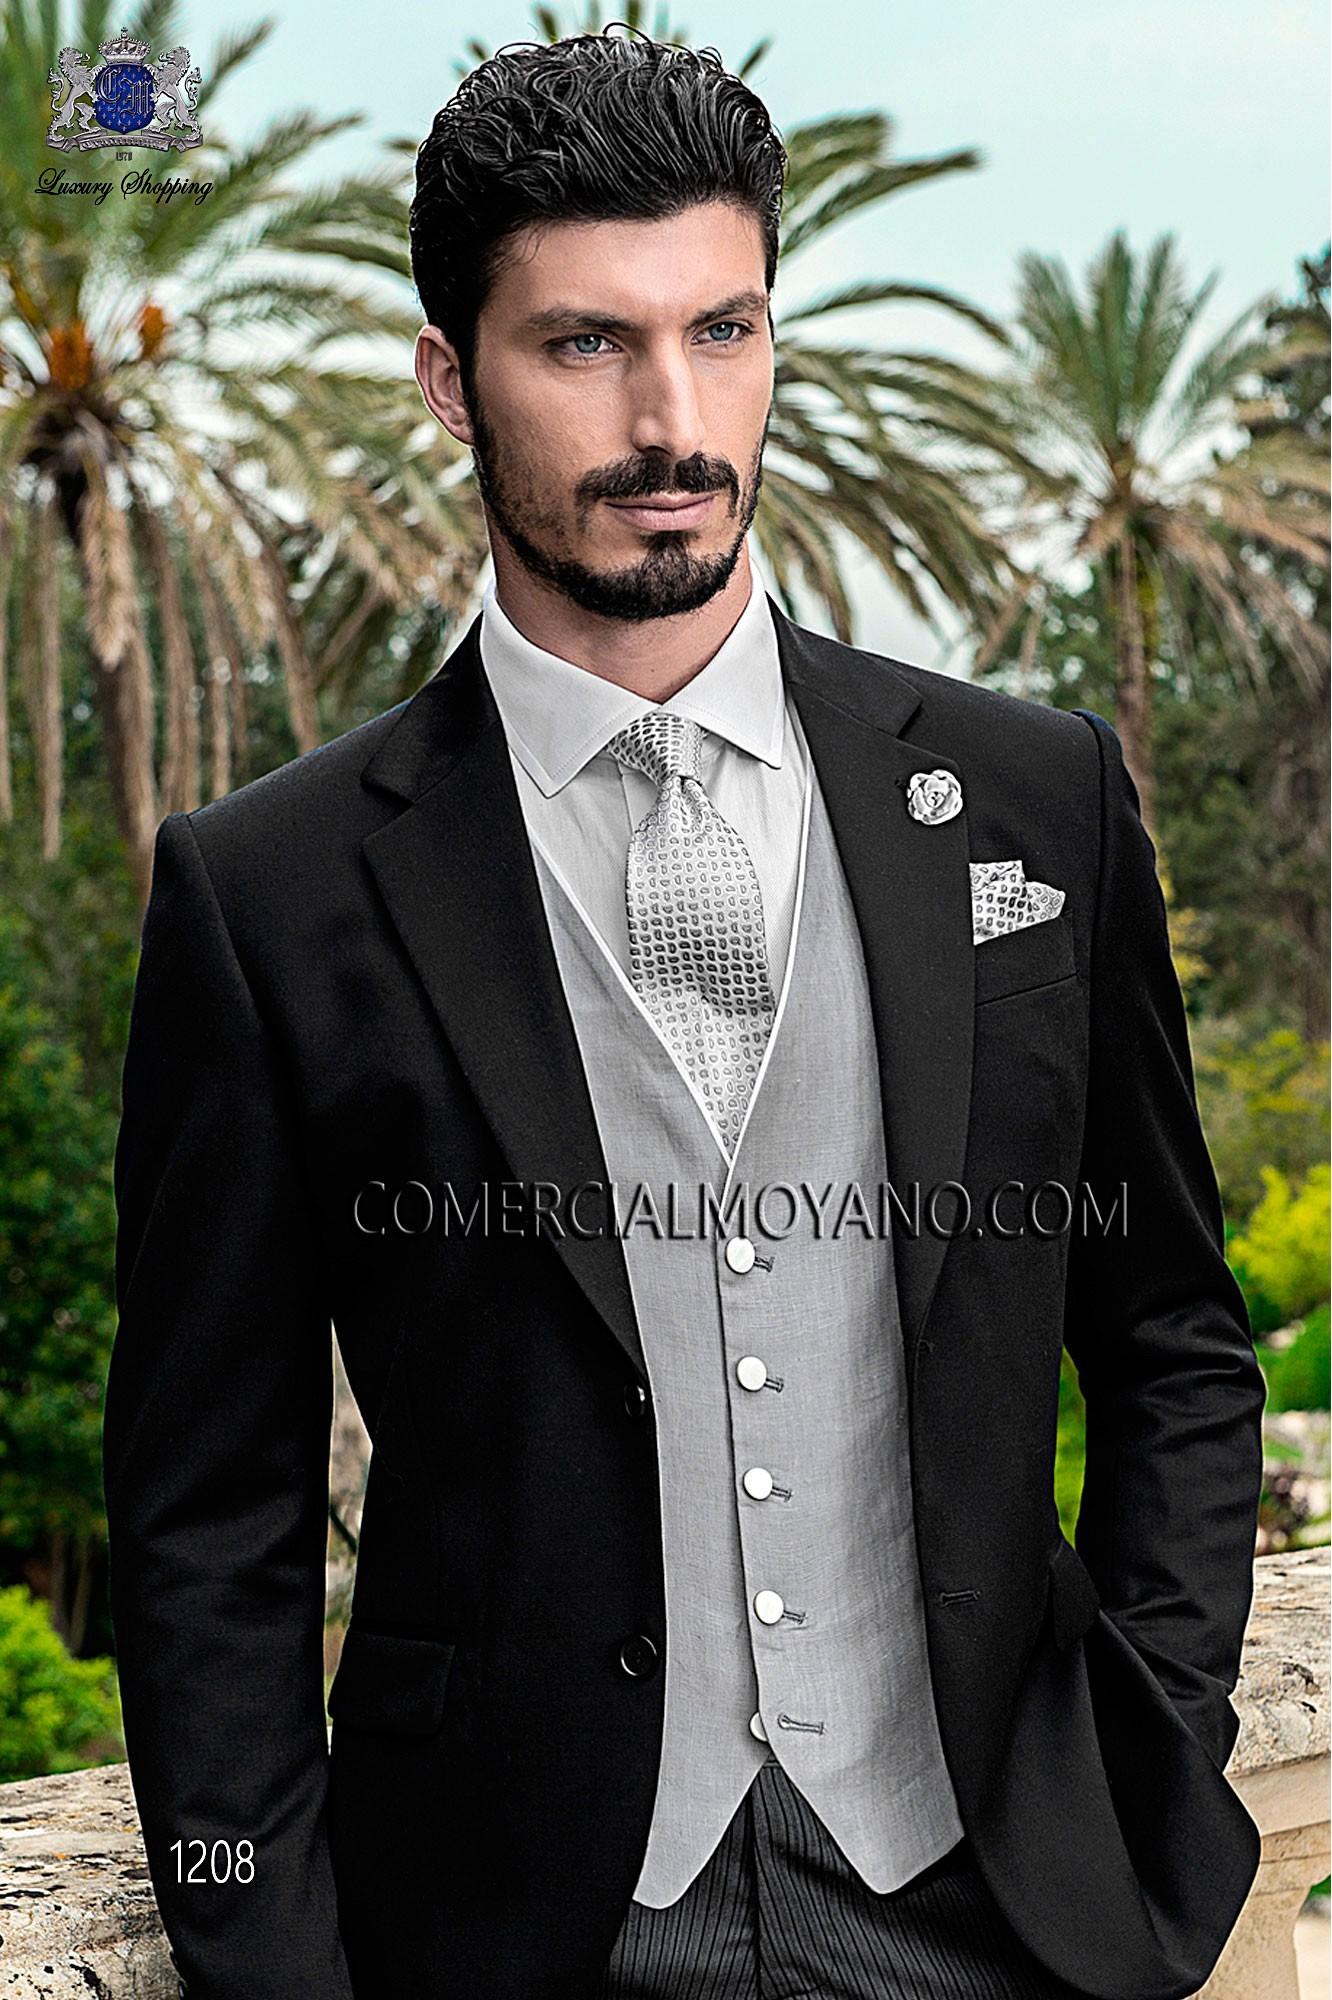 Traje Gentleman de novio negro modelo: 1208 Ottavio Nuccio Gala colección Gentleman